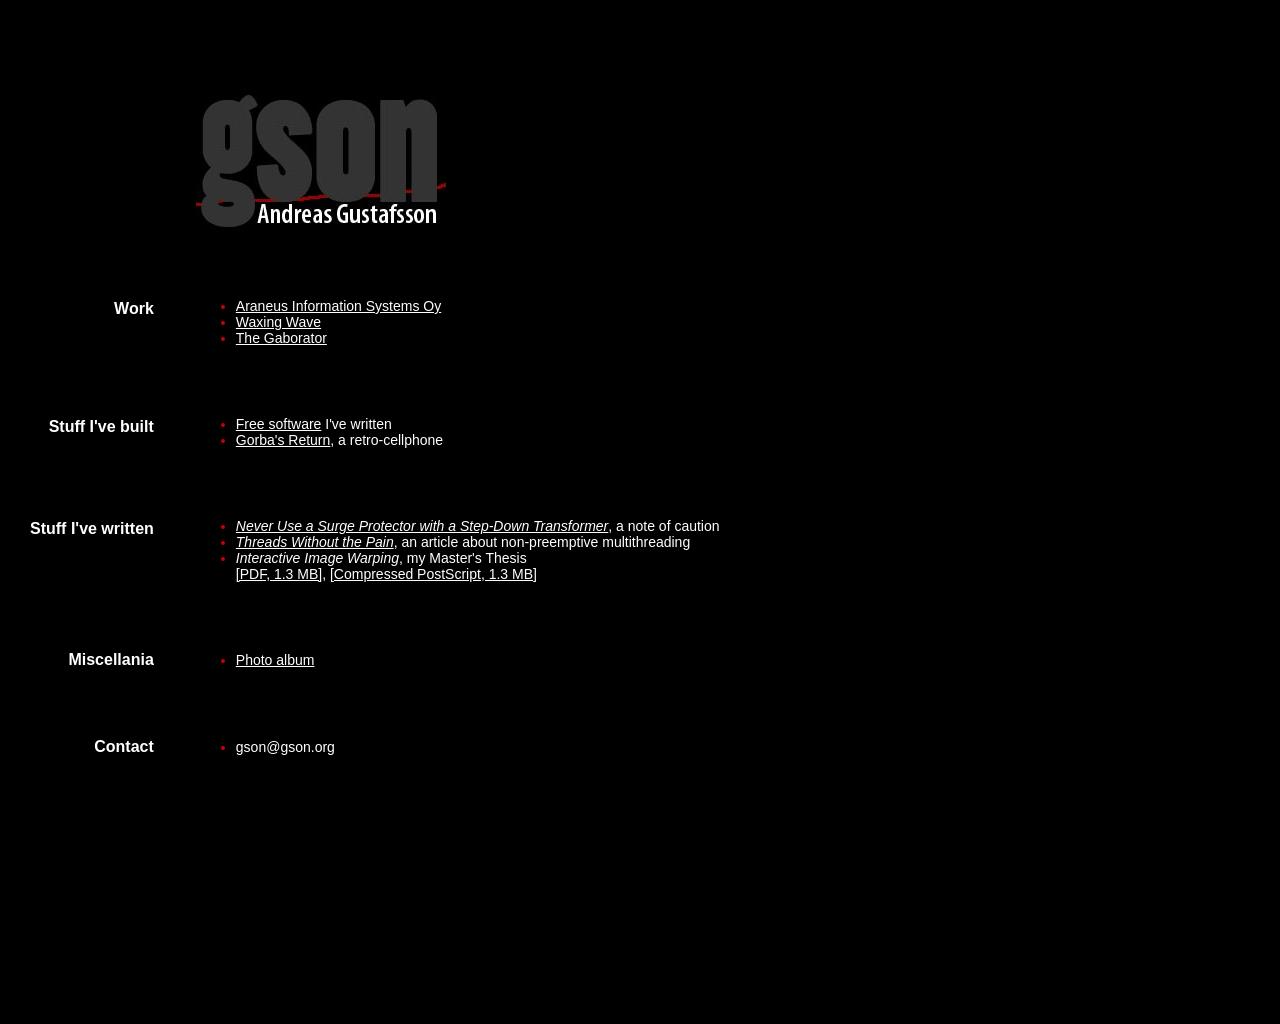 gson.org